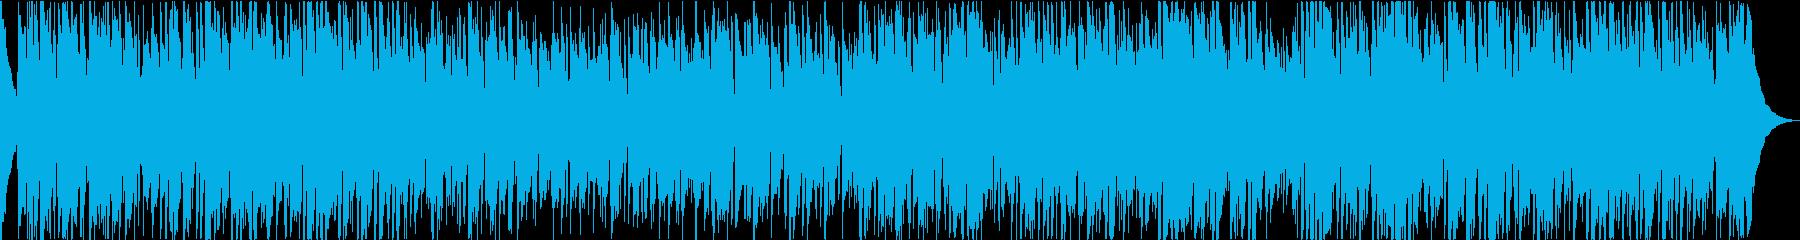 アメリカーナ研究所素朴で流れるよう...の再生済みの波形